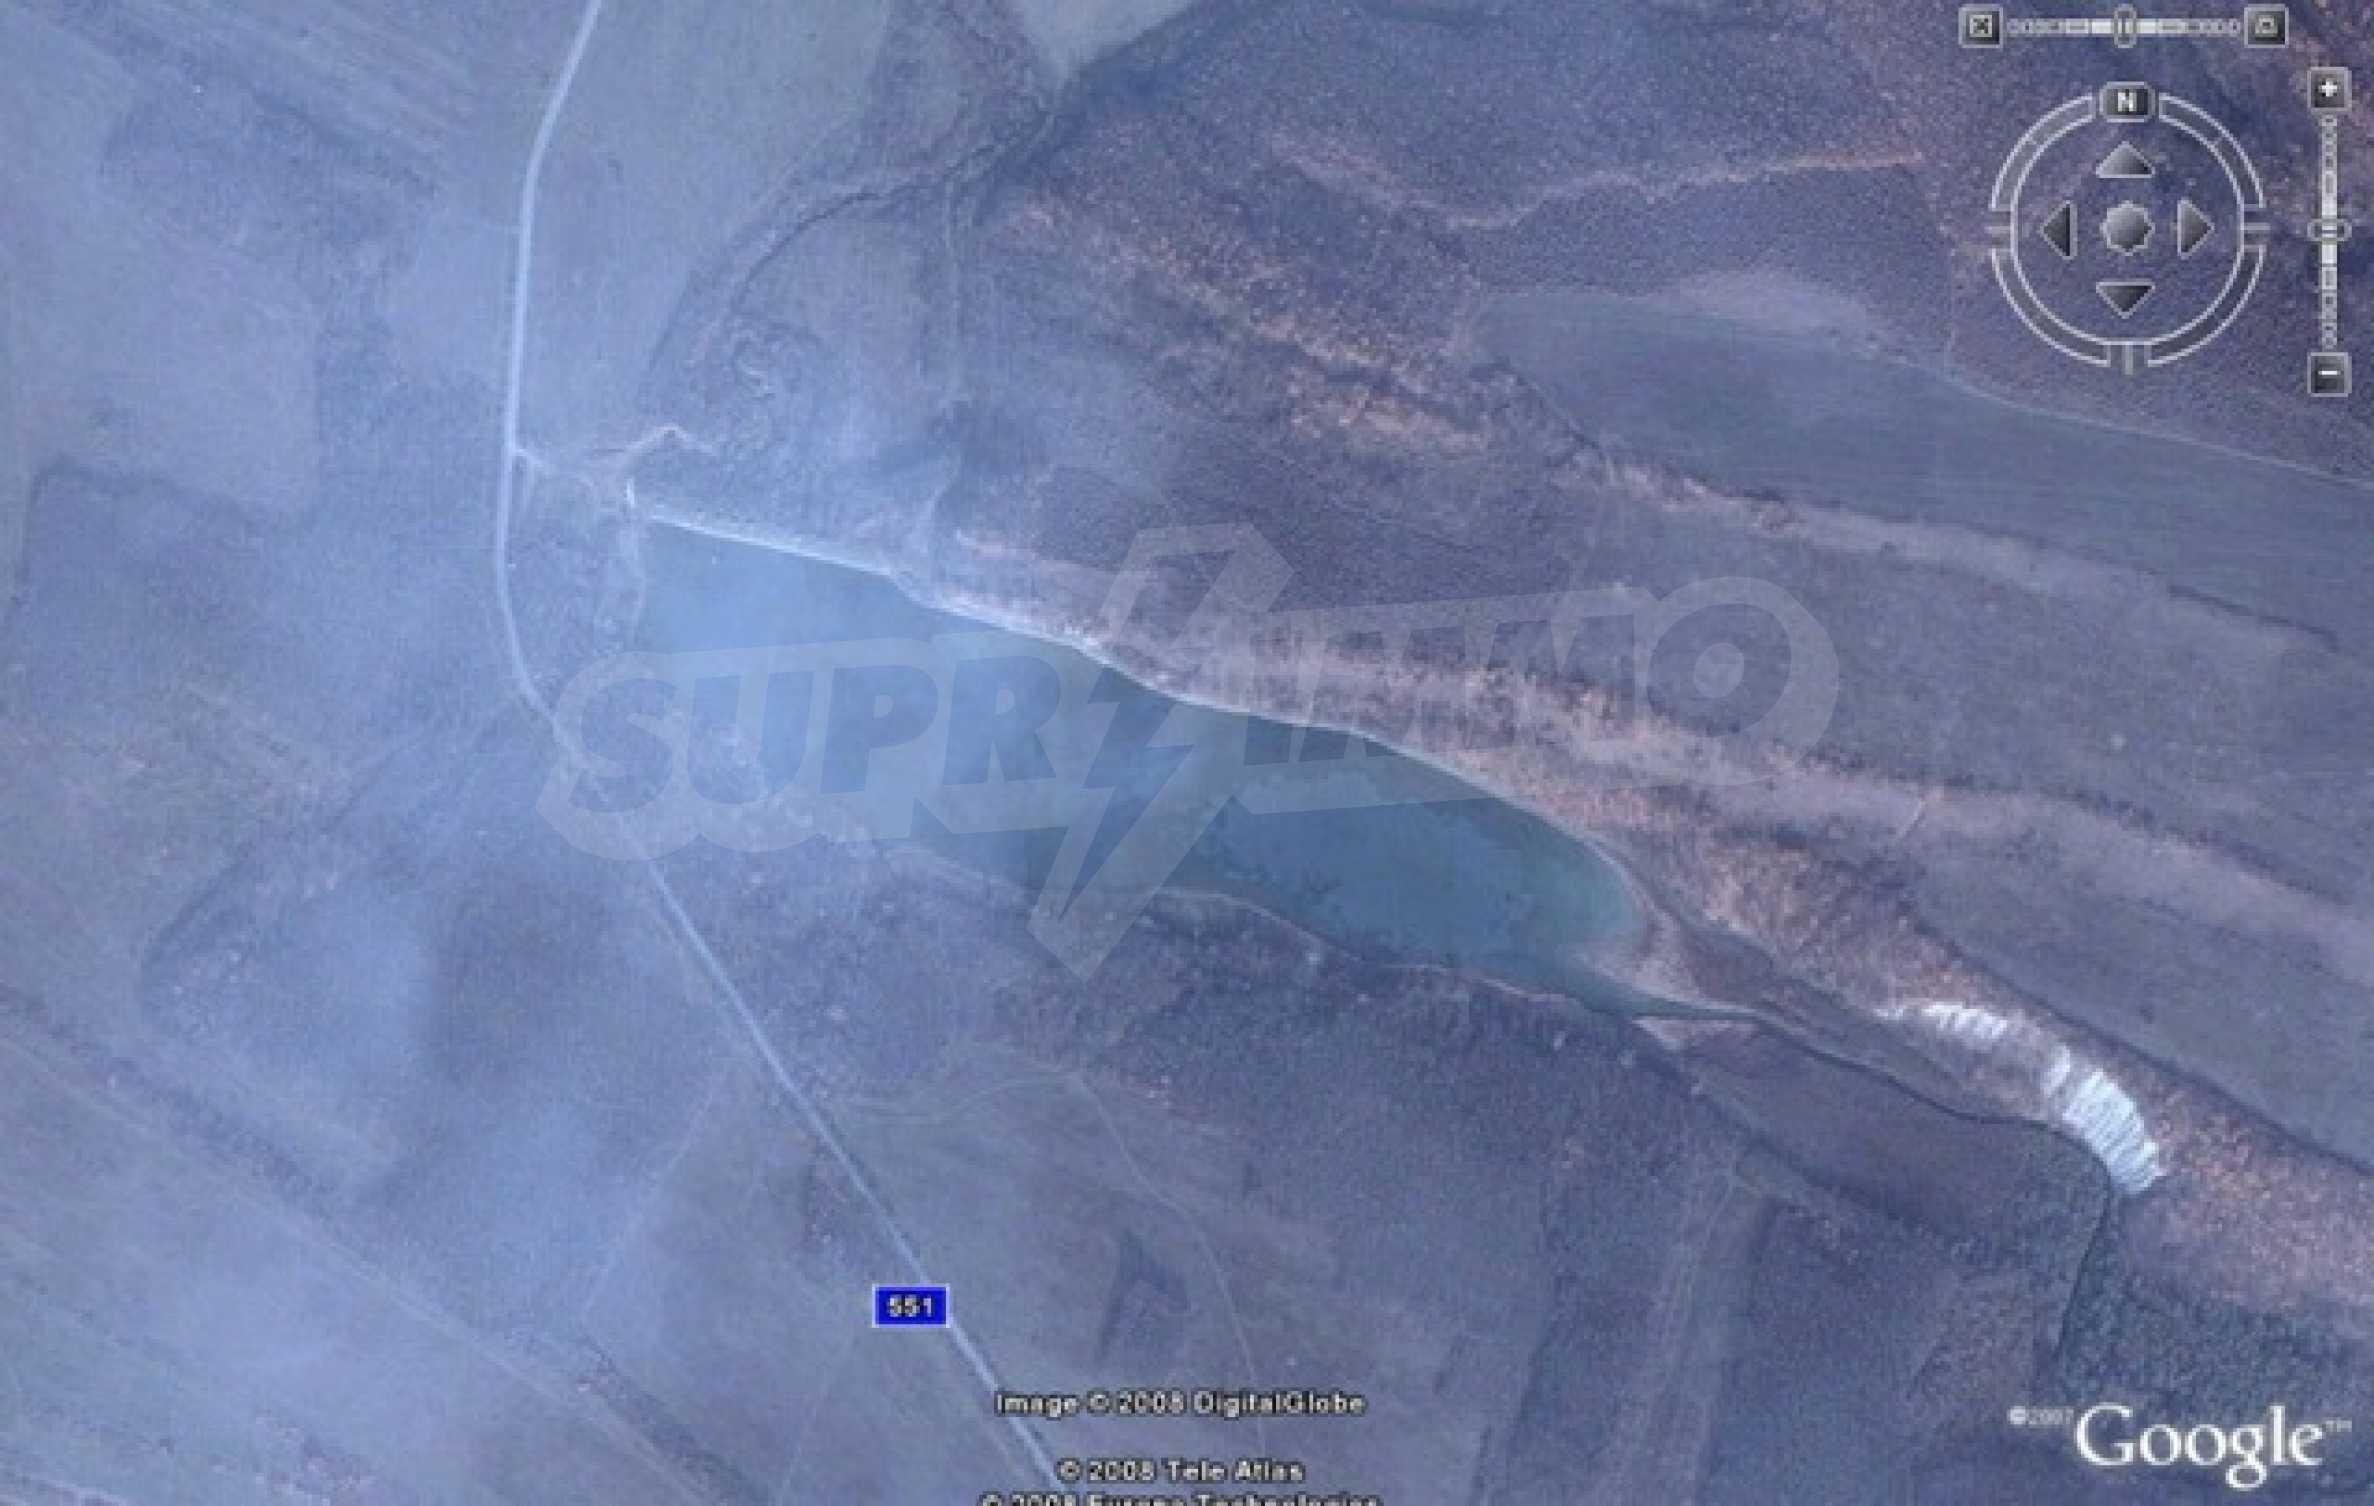 Damm mit angrenzendem Land 7 km von Veliko Tarnovo entfernt 14